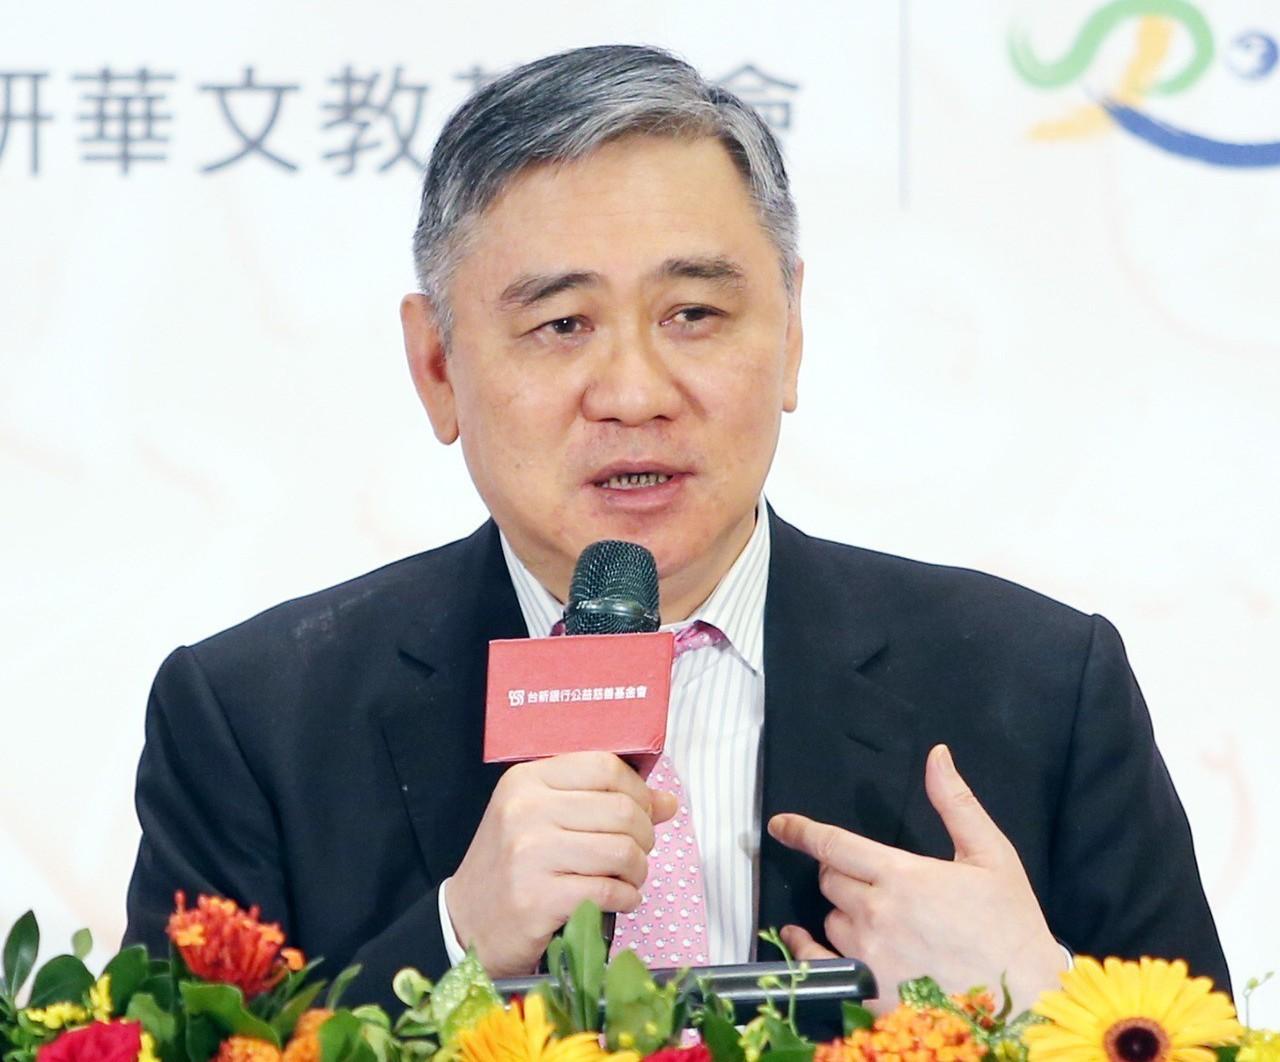 宏仁集團總裁王文洋。 圖/聯合報系資料照片